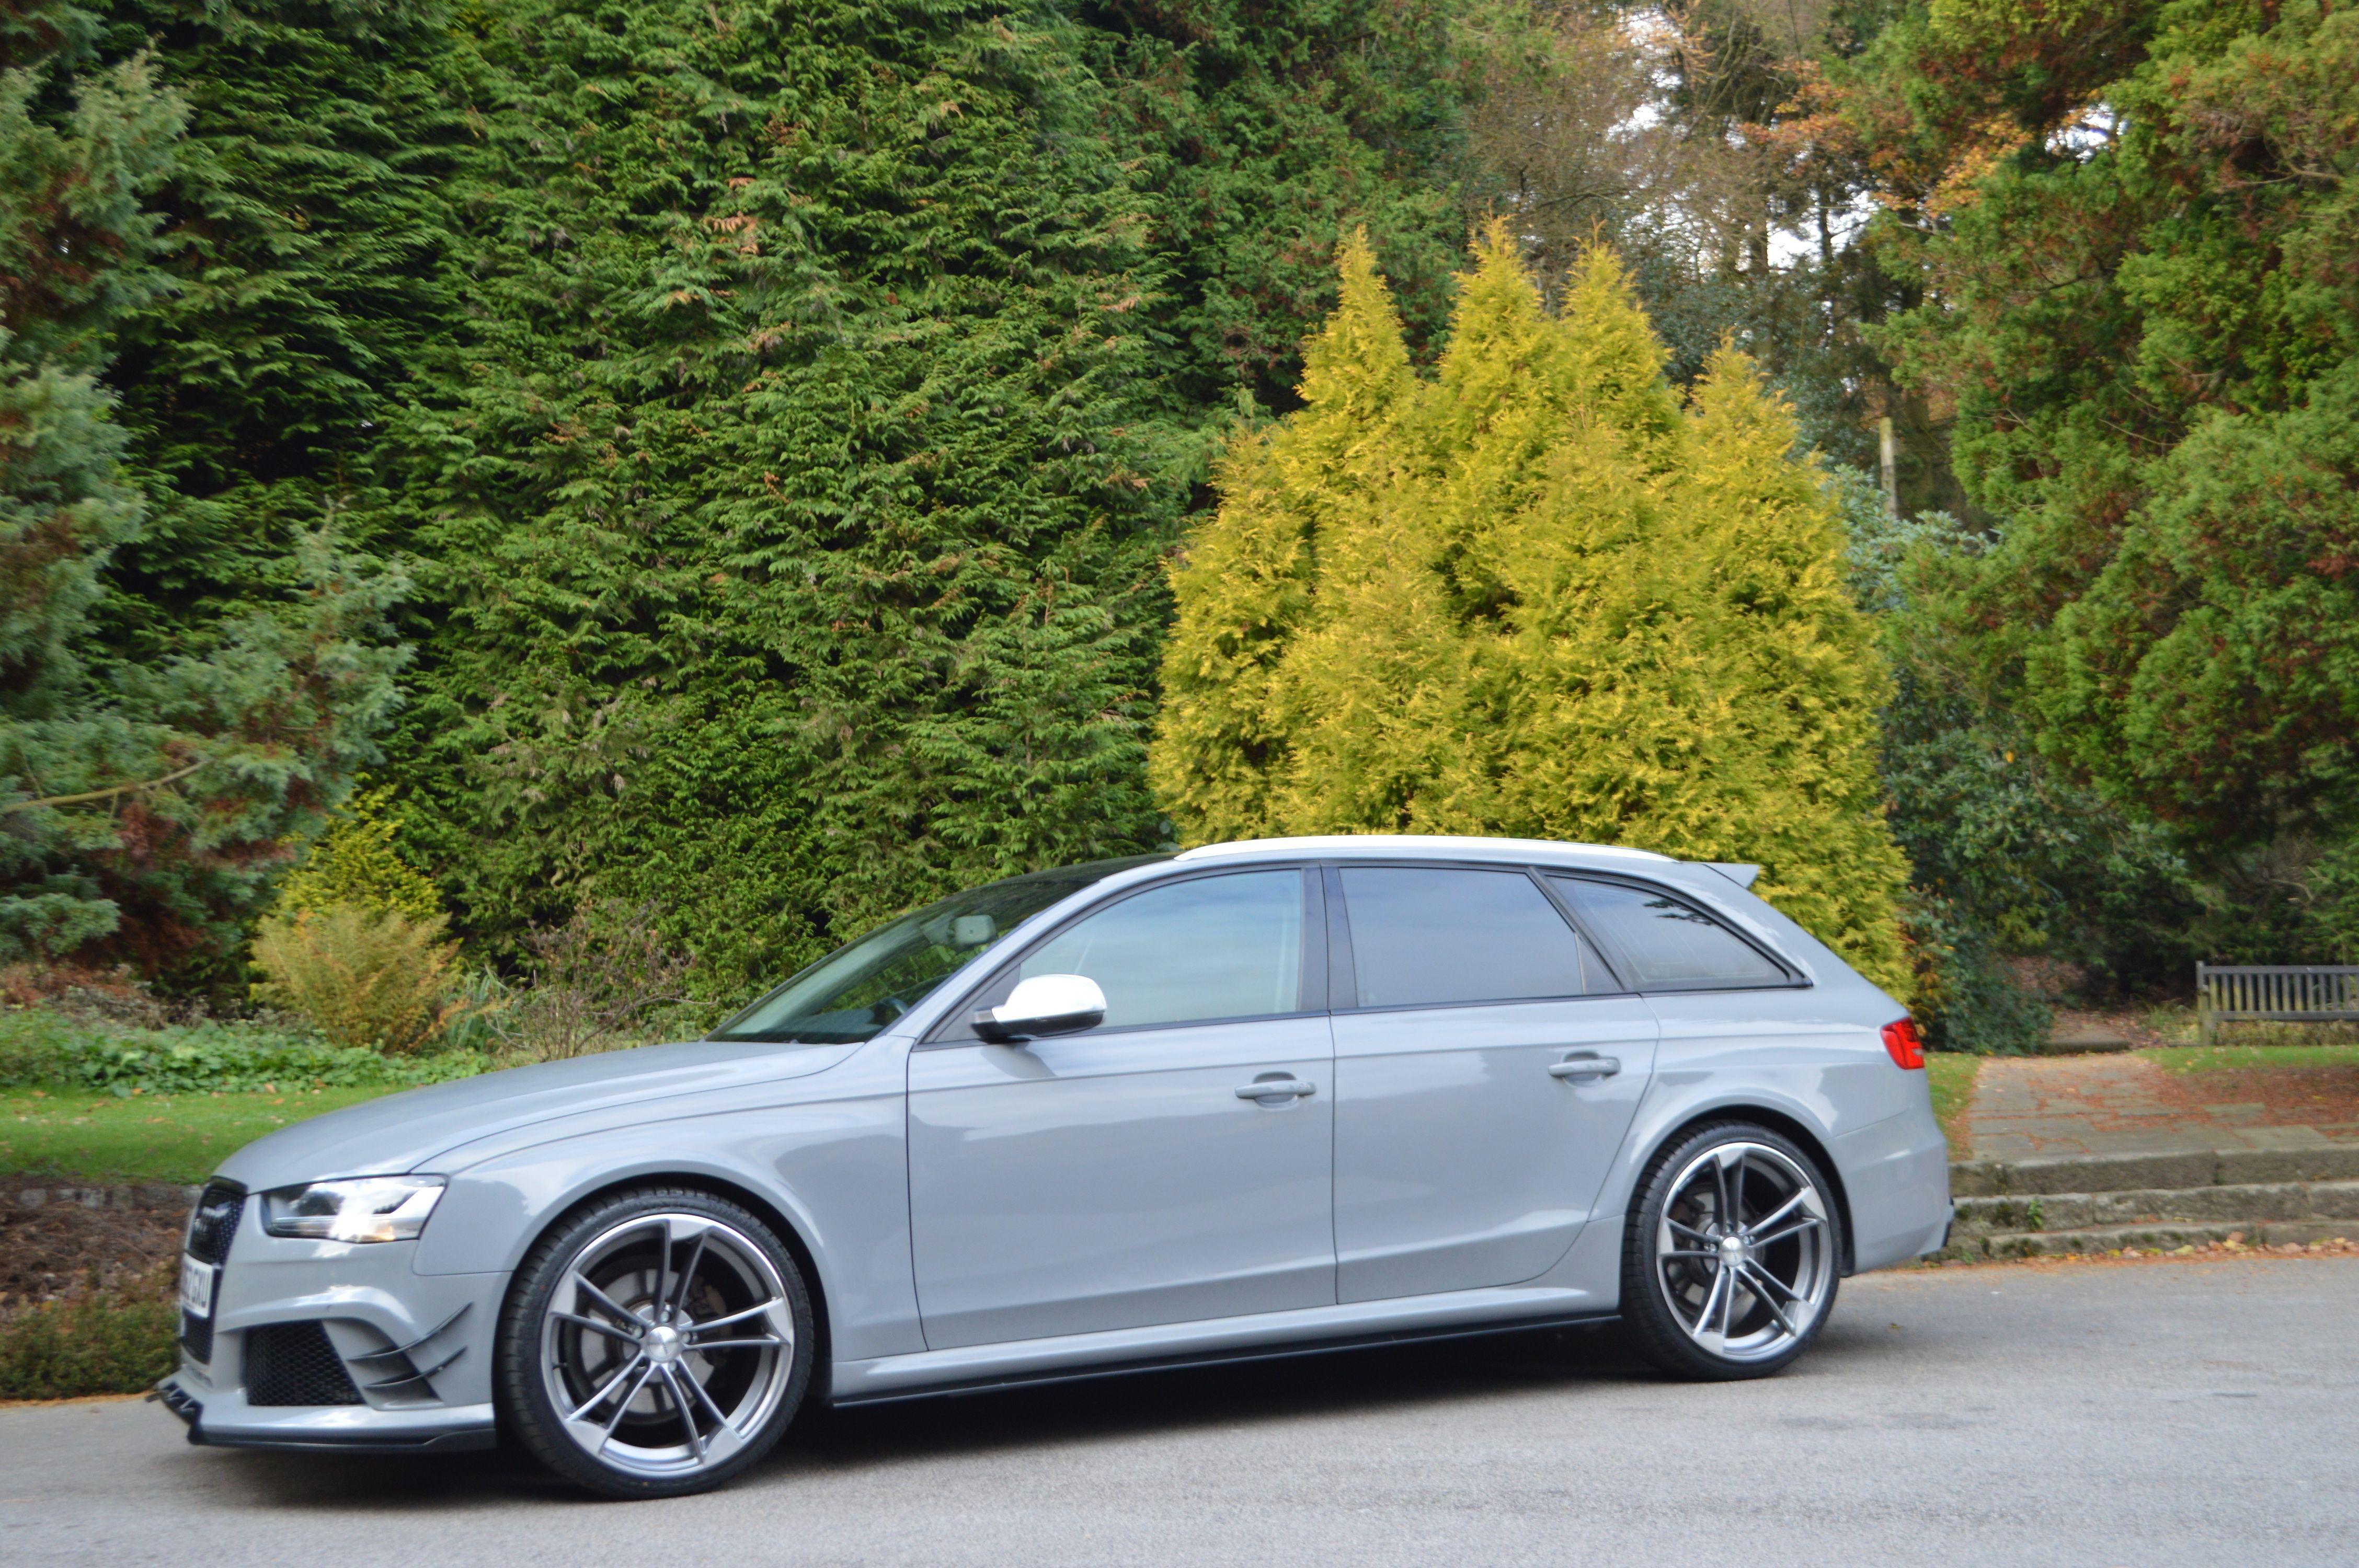 Audi A4 B8 Avant To Rs4 Full Body Kit Audi Audi Audi A4 Audi Rs4